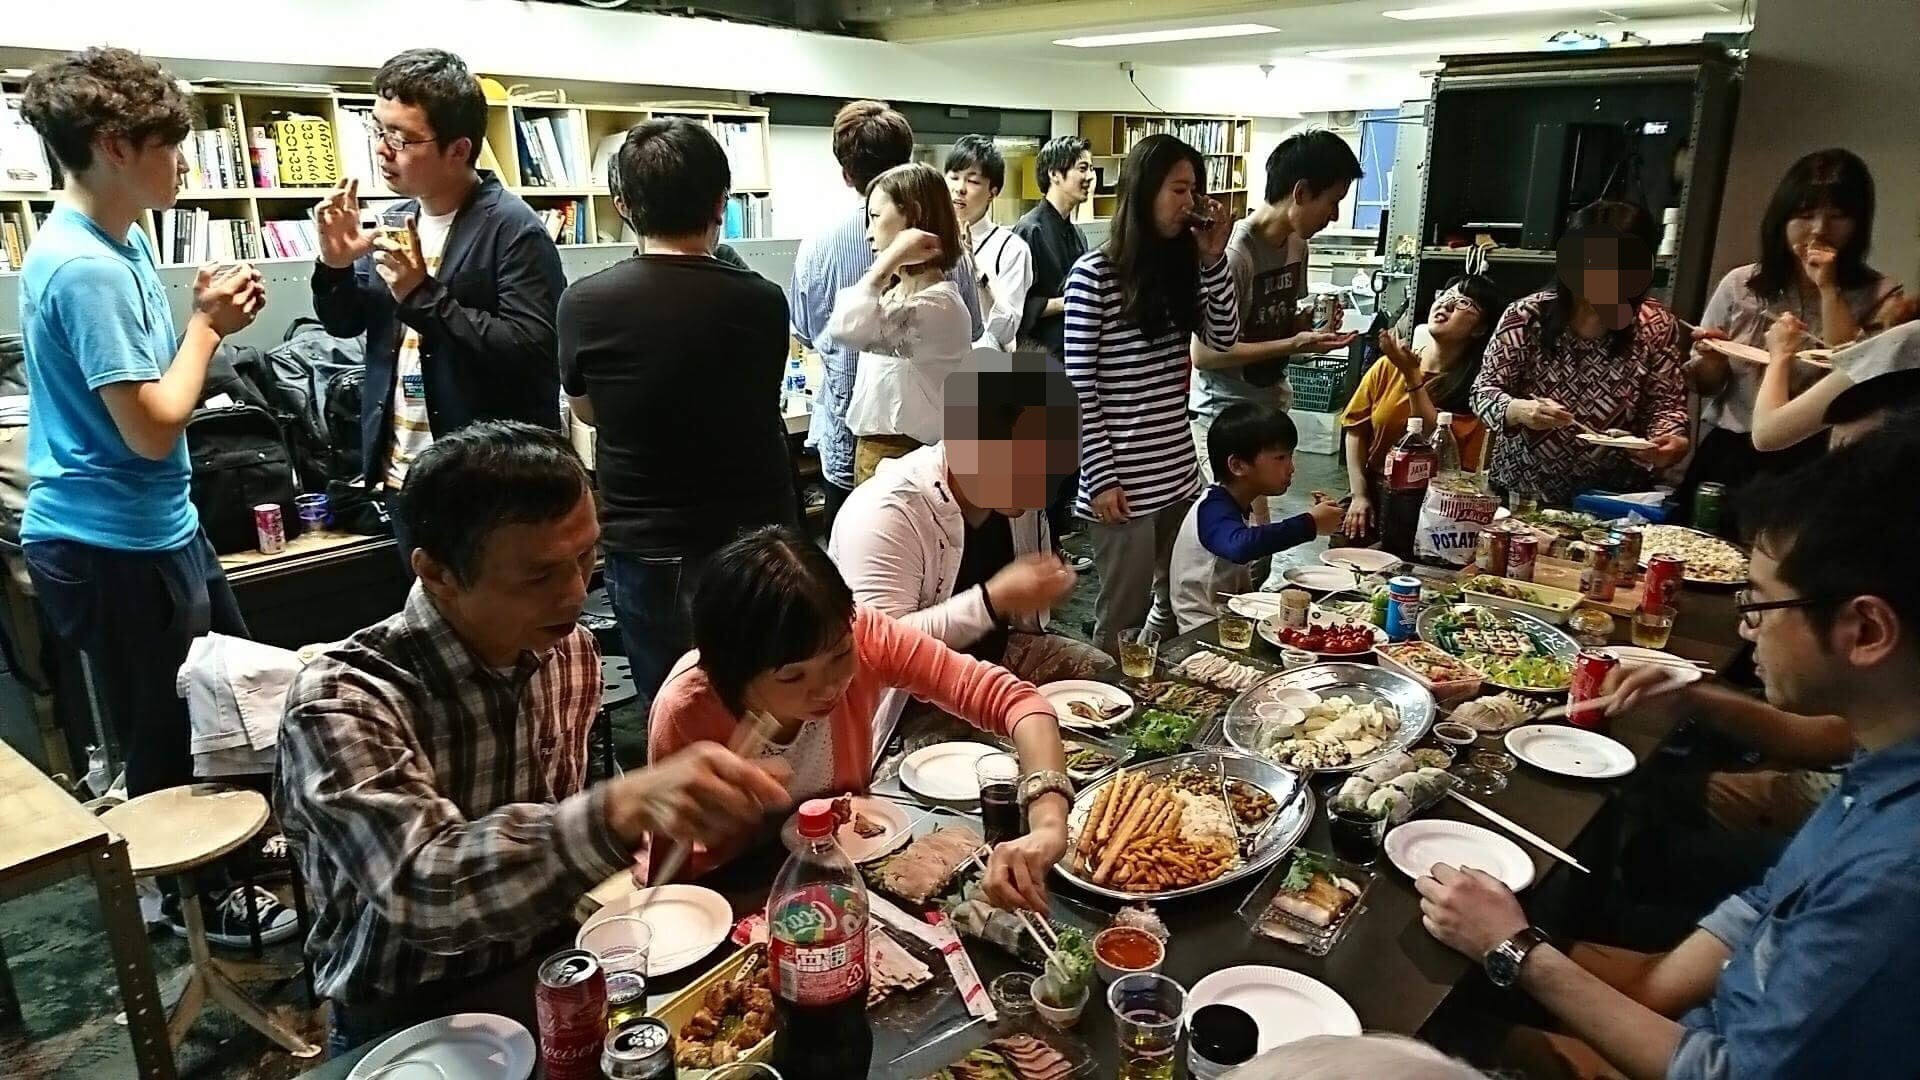 懇親会では食事の仕方やマナーについても情報交換しています。この日はエスニック料理